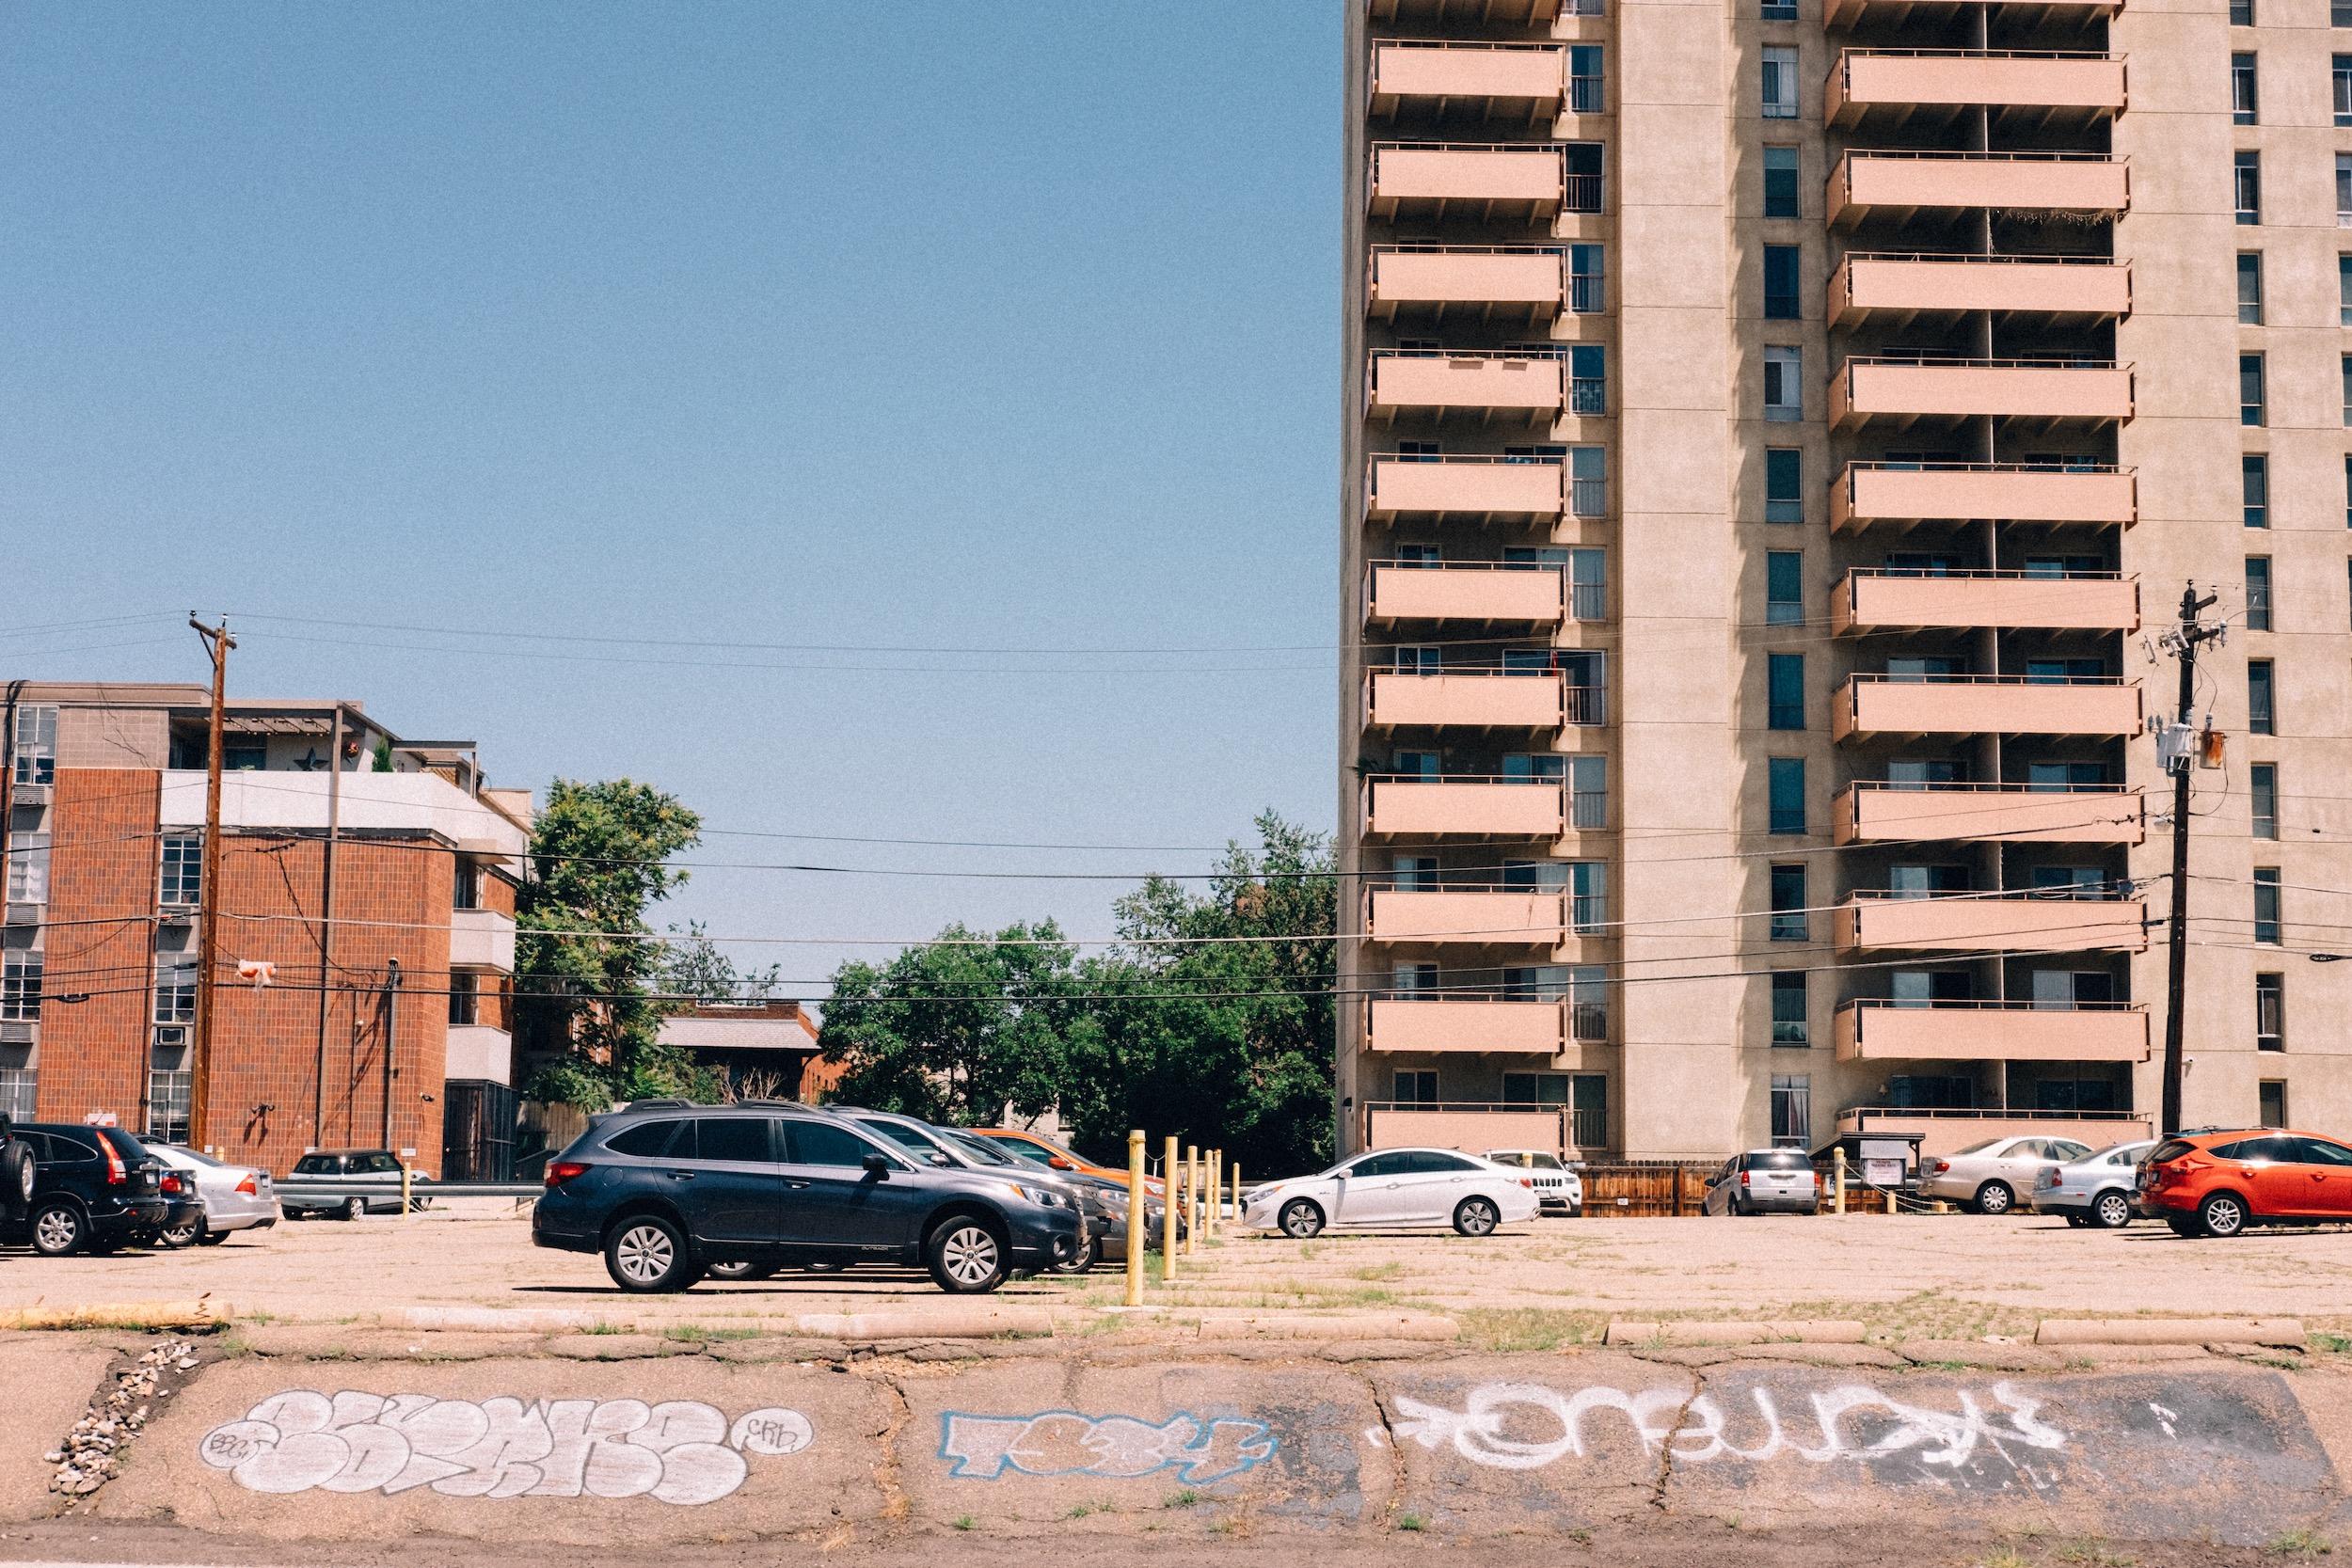 Denver Cap Hill Street Photography - 7.jpeg